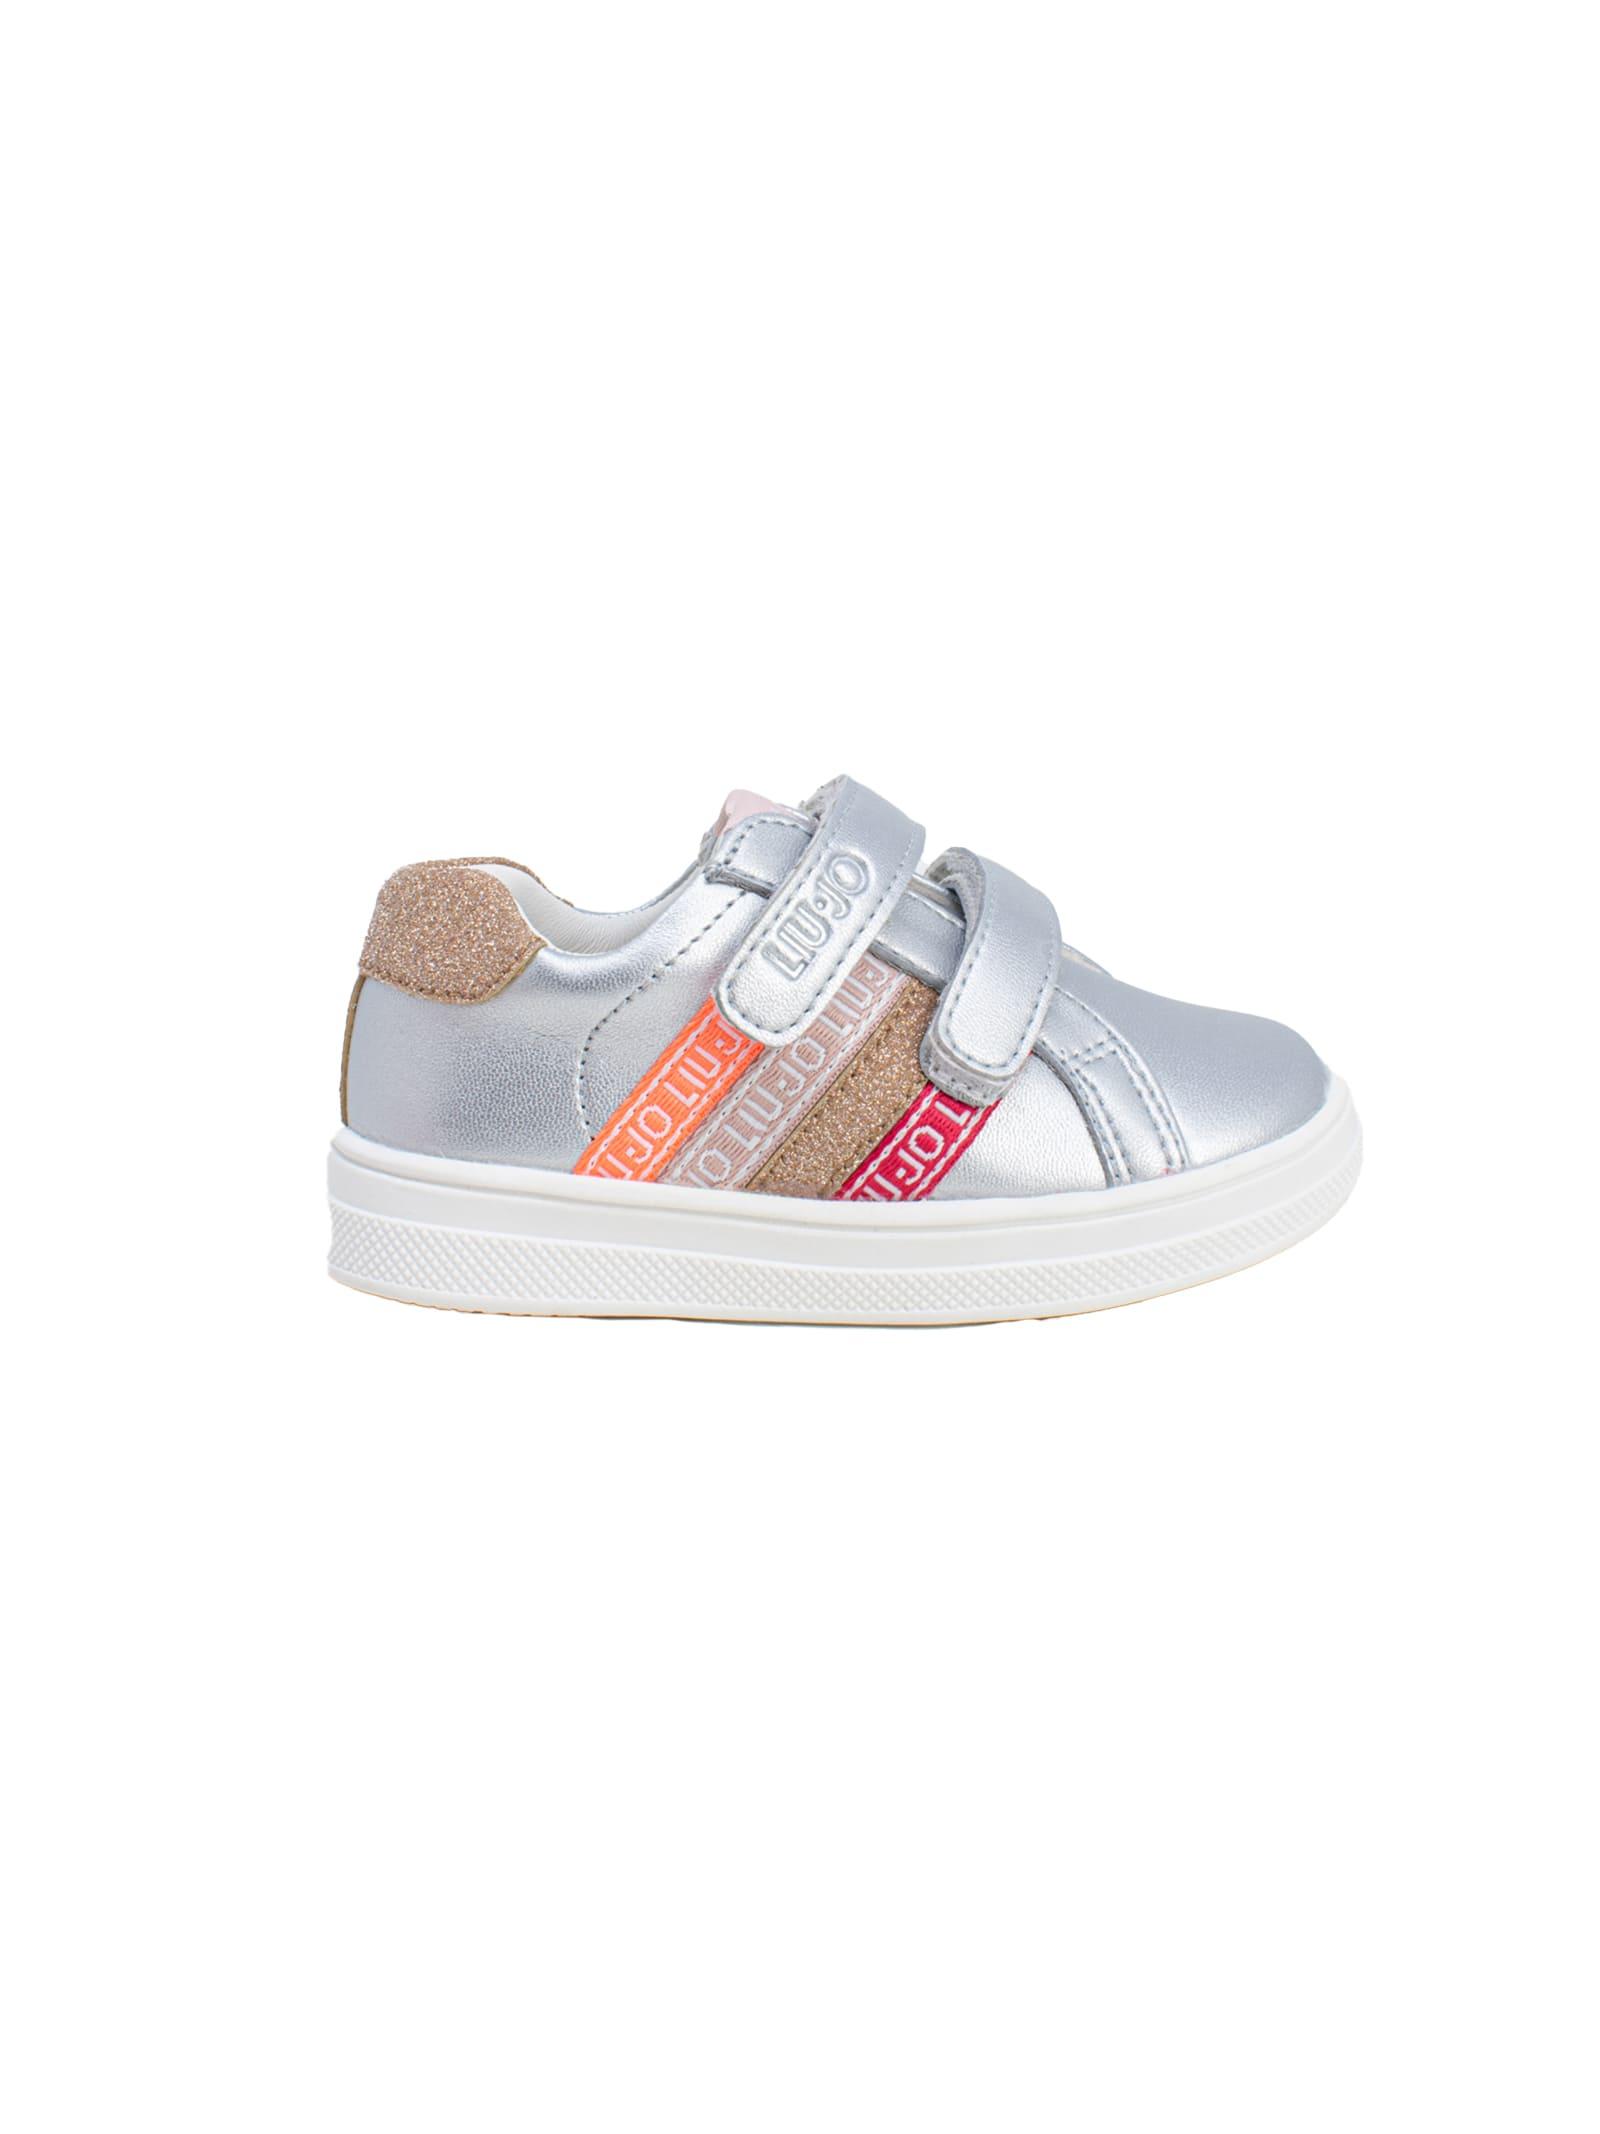 Sneaker Bambina Mini Alicia 305 LIU-JO JUNIOR | Sneakers | 4A1307EX01600532SILVER